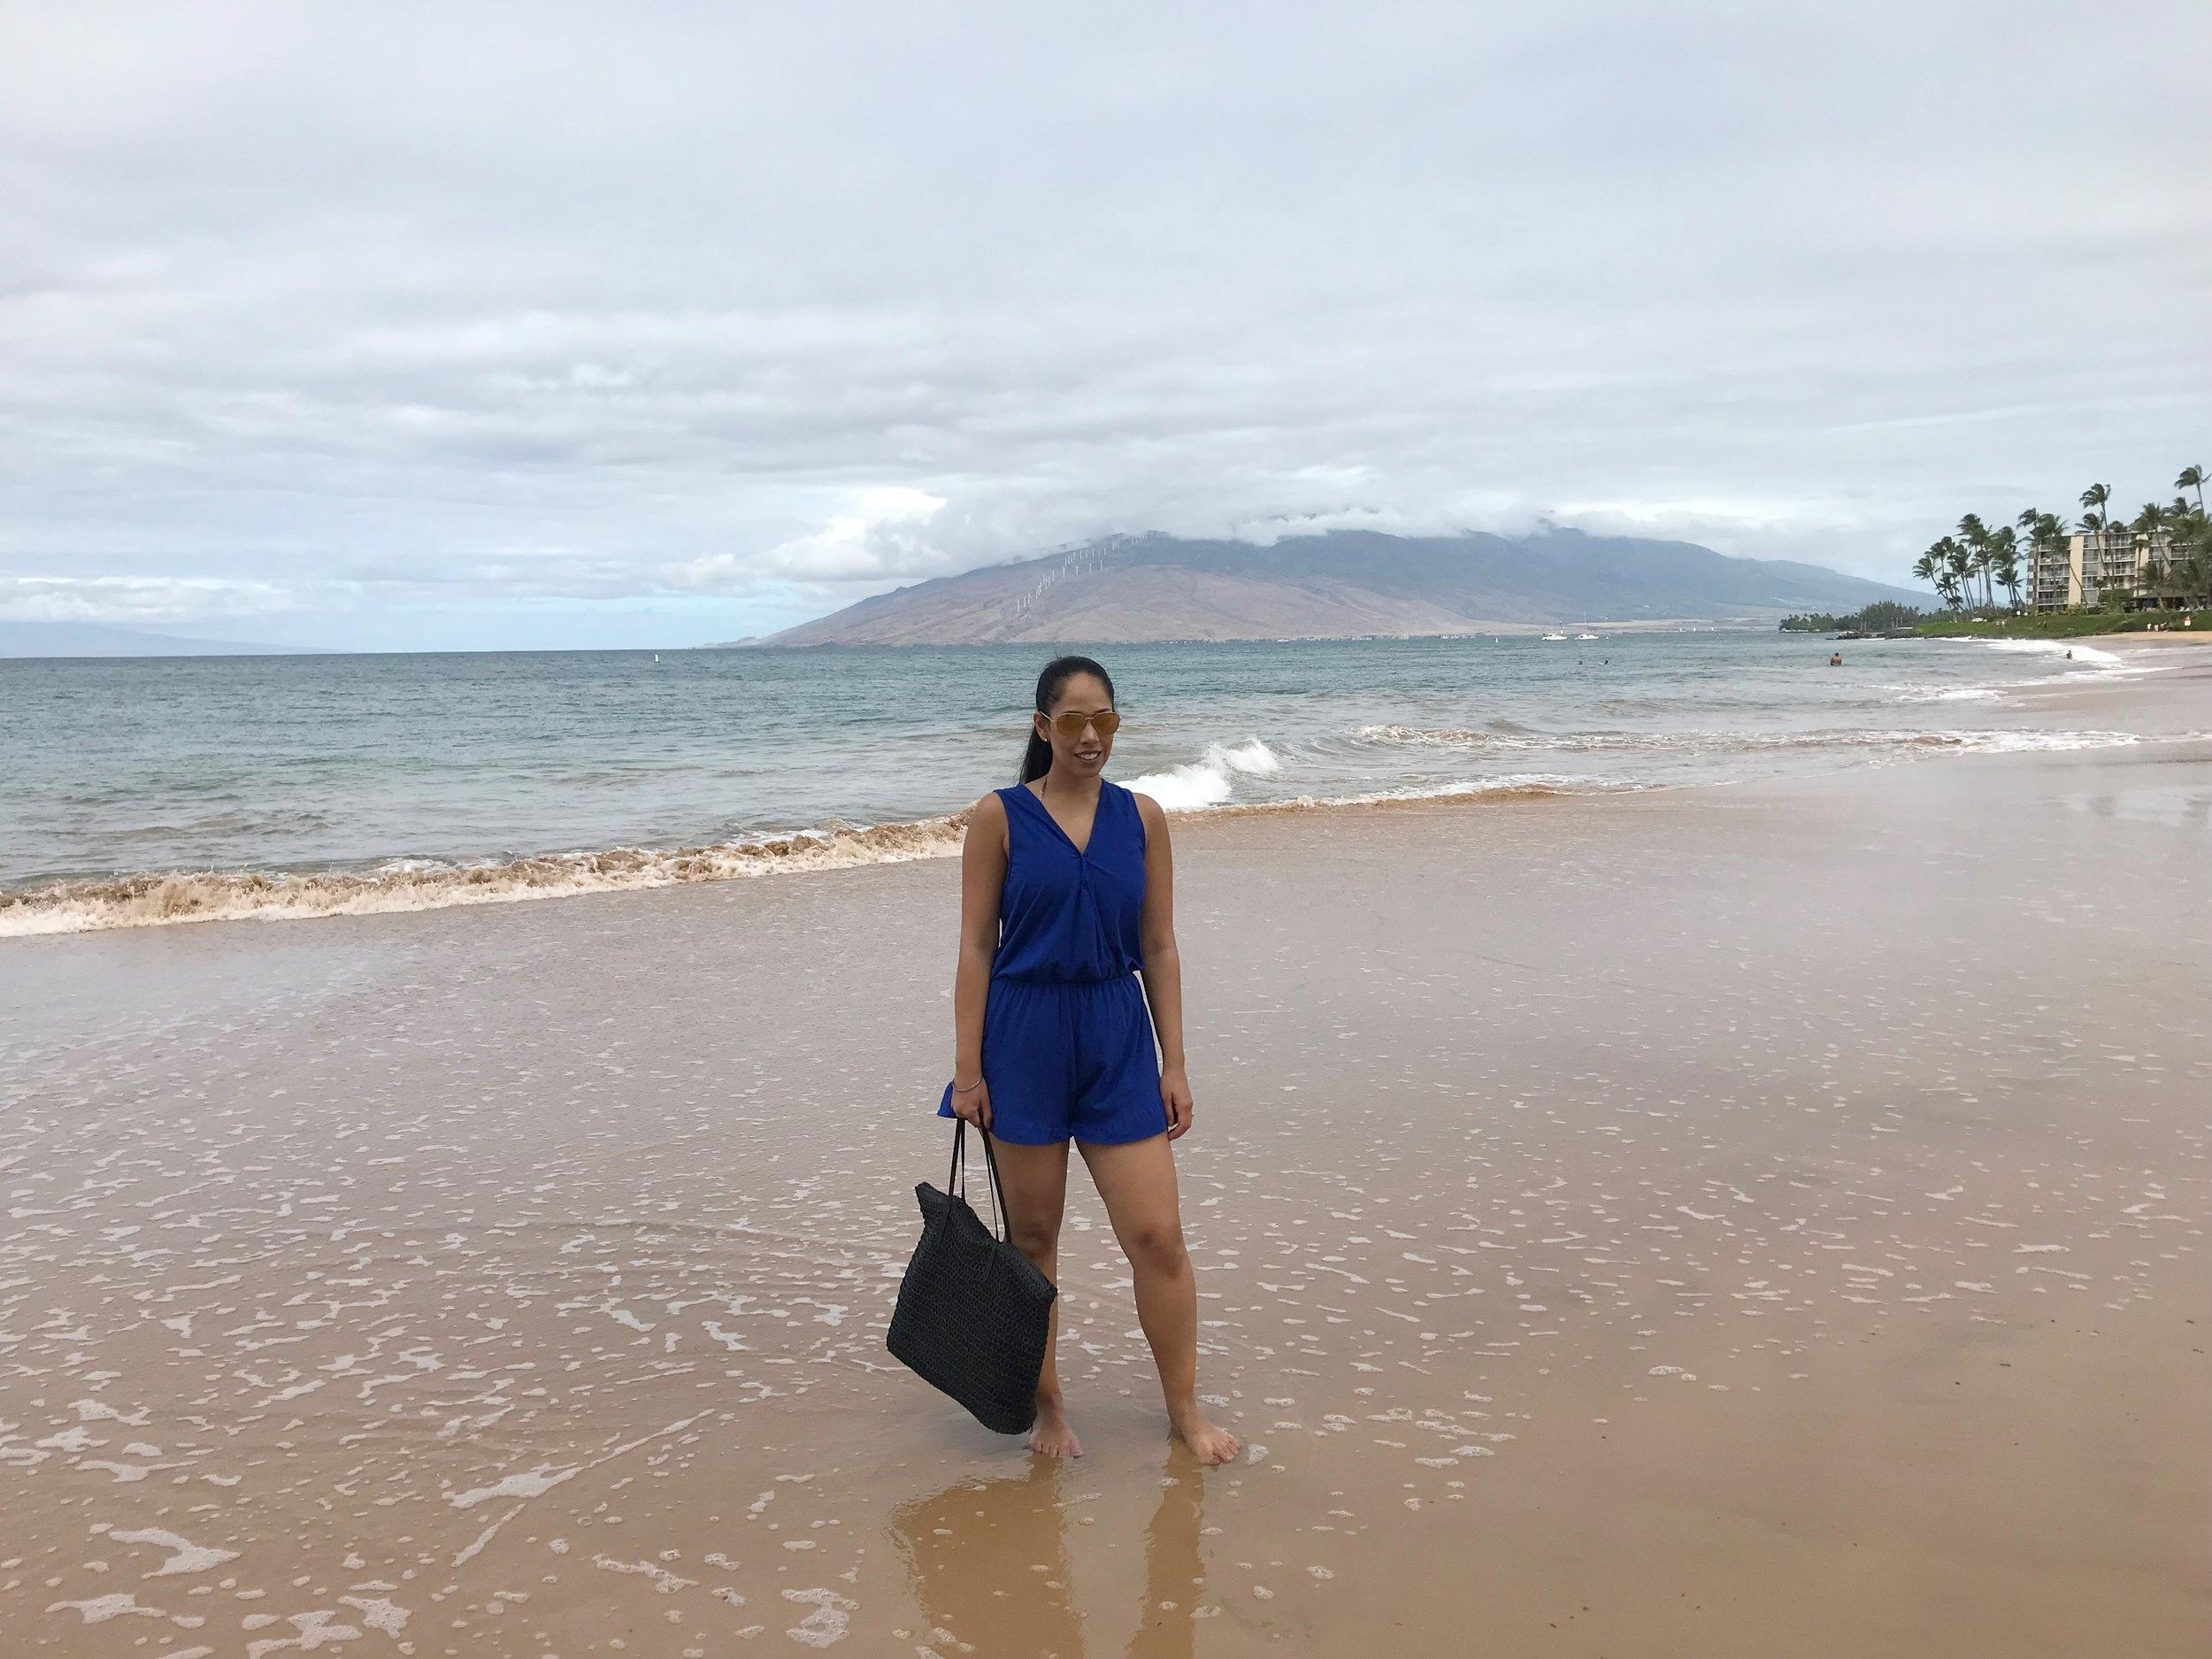 Andaz-Wailea-Hotel-Review-Beach-Fashion